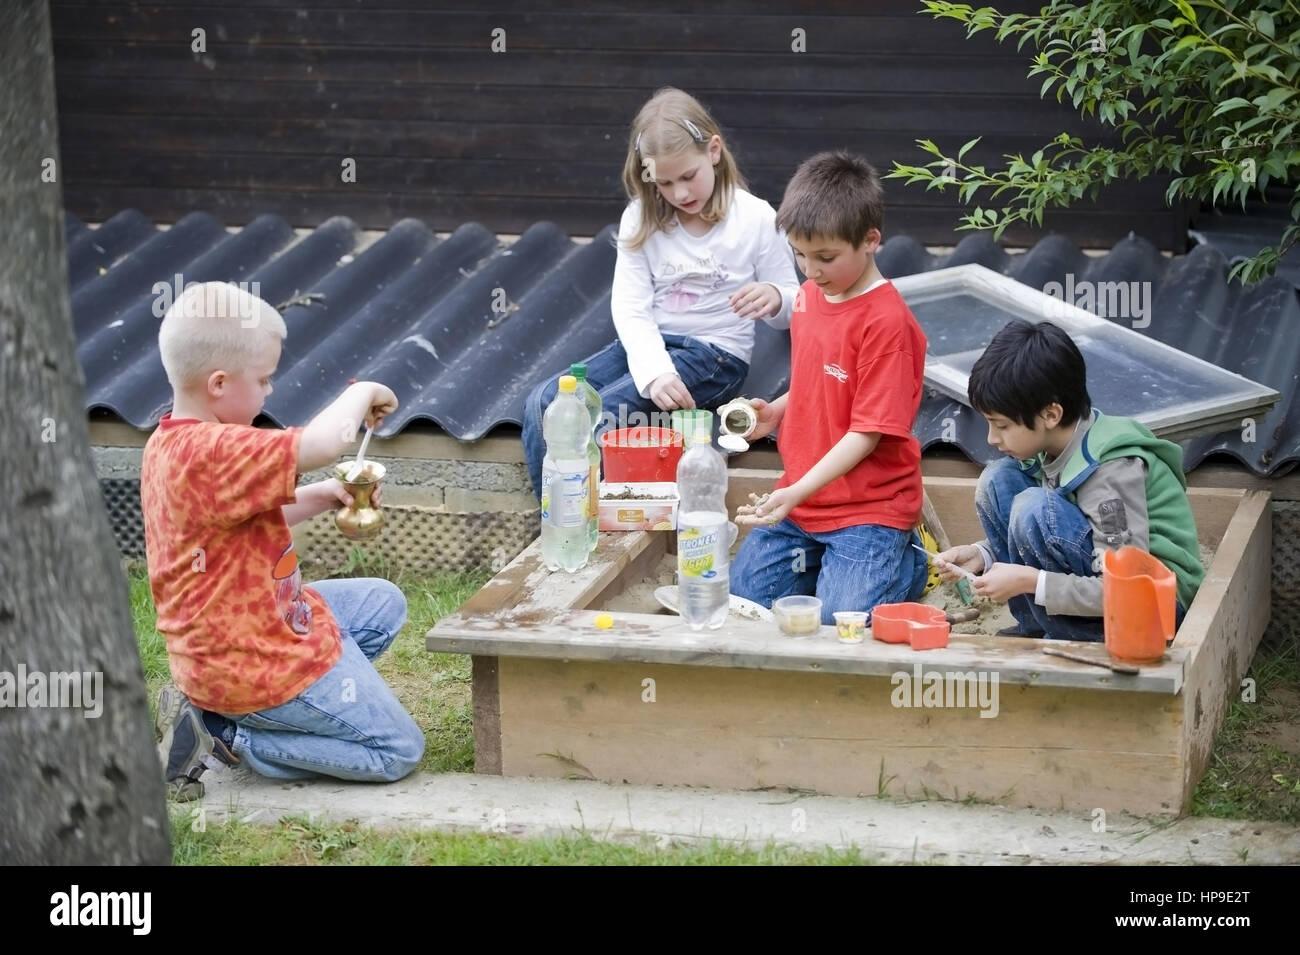 Kinder spielen im Sandkasten - children playing in sandpit - Stock Image